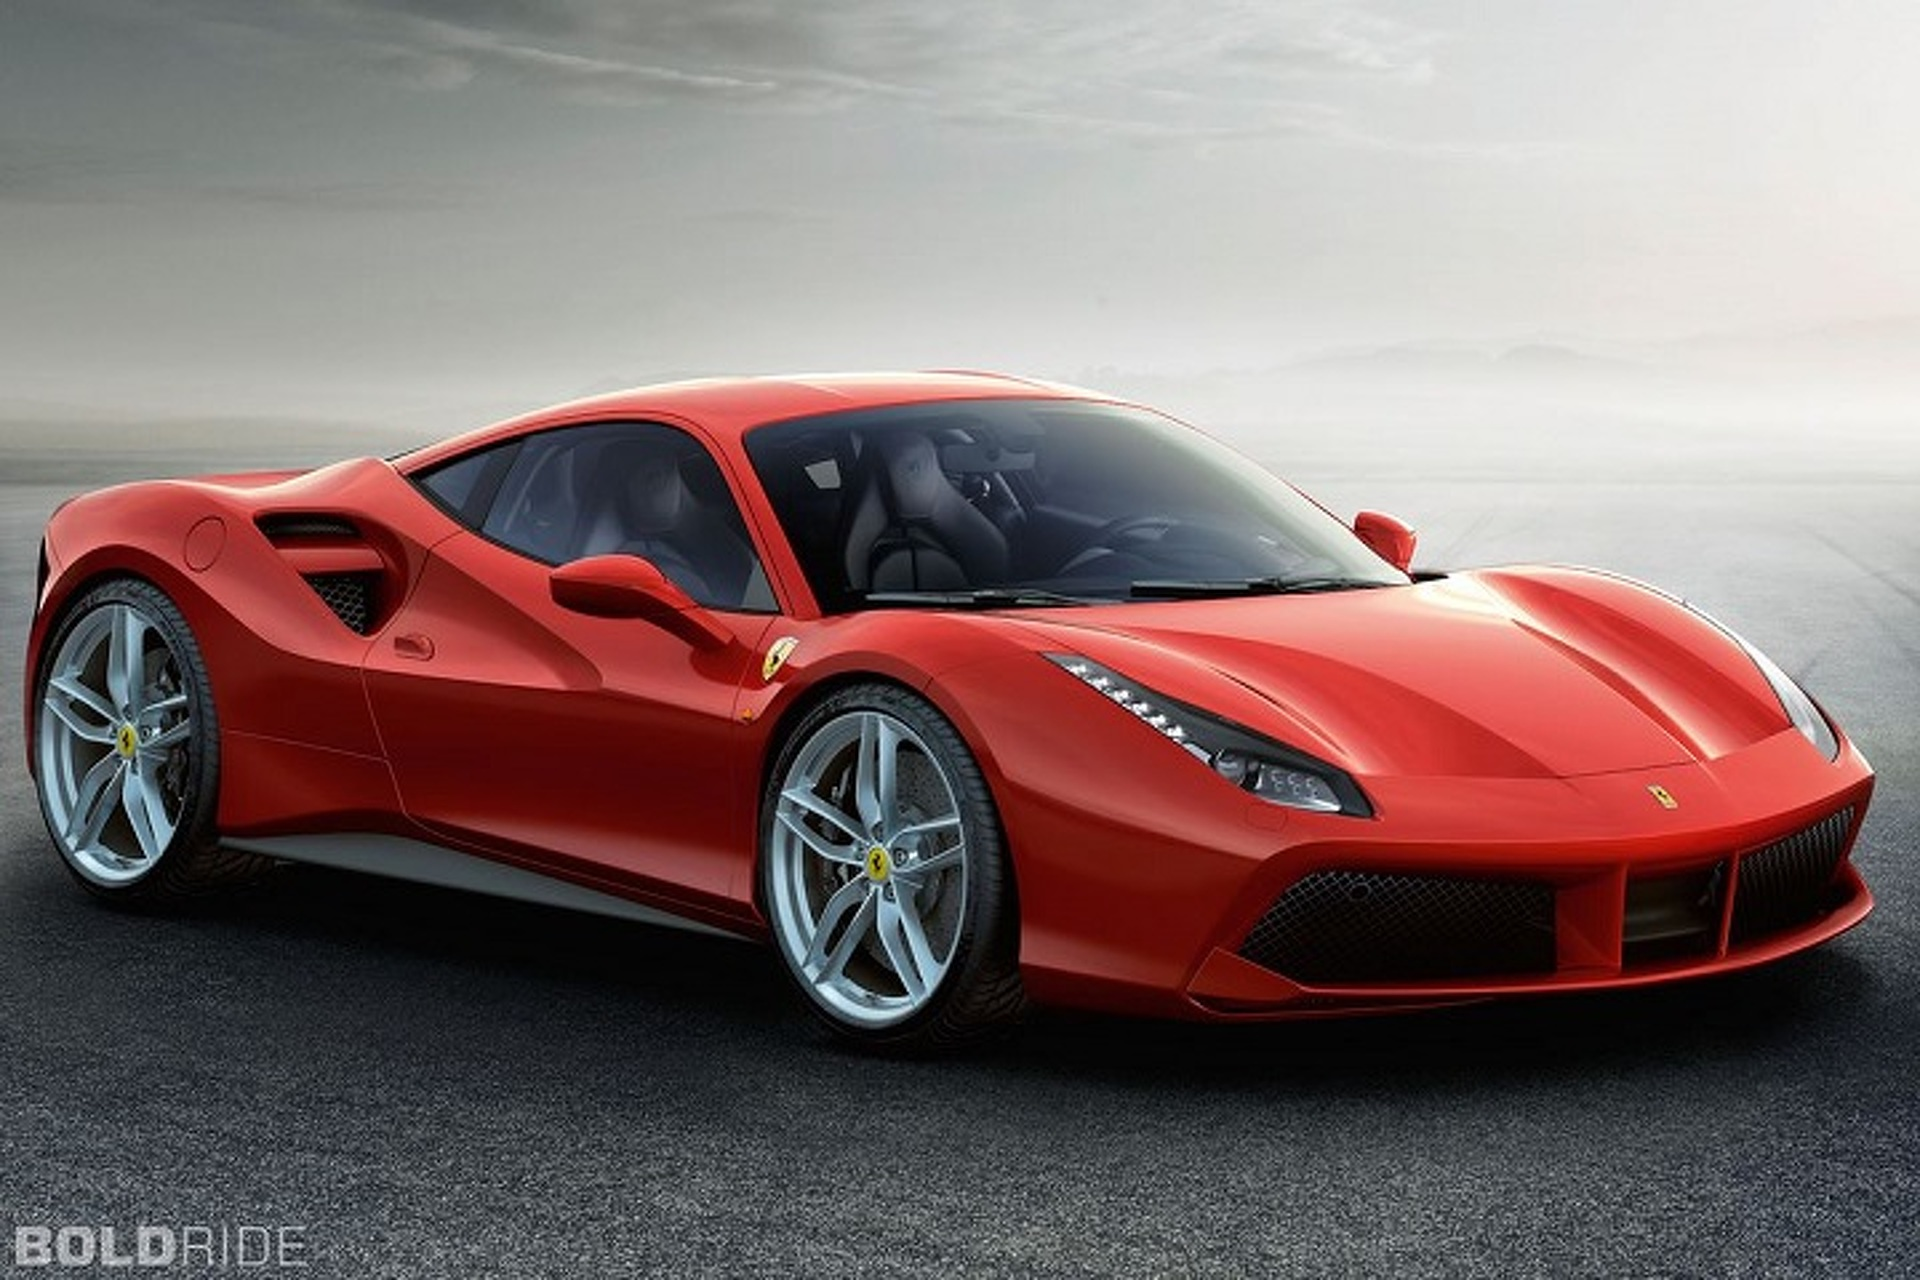 Will Sergio Marchionne Become Ferrari's New CEO?